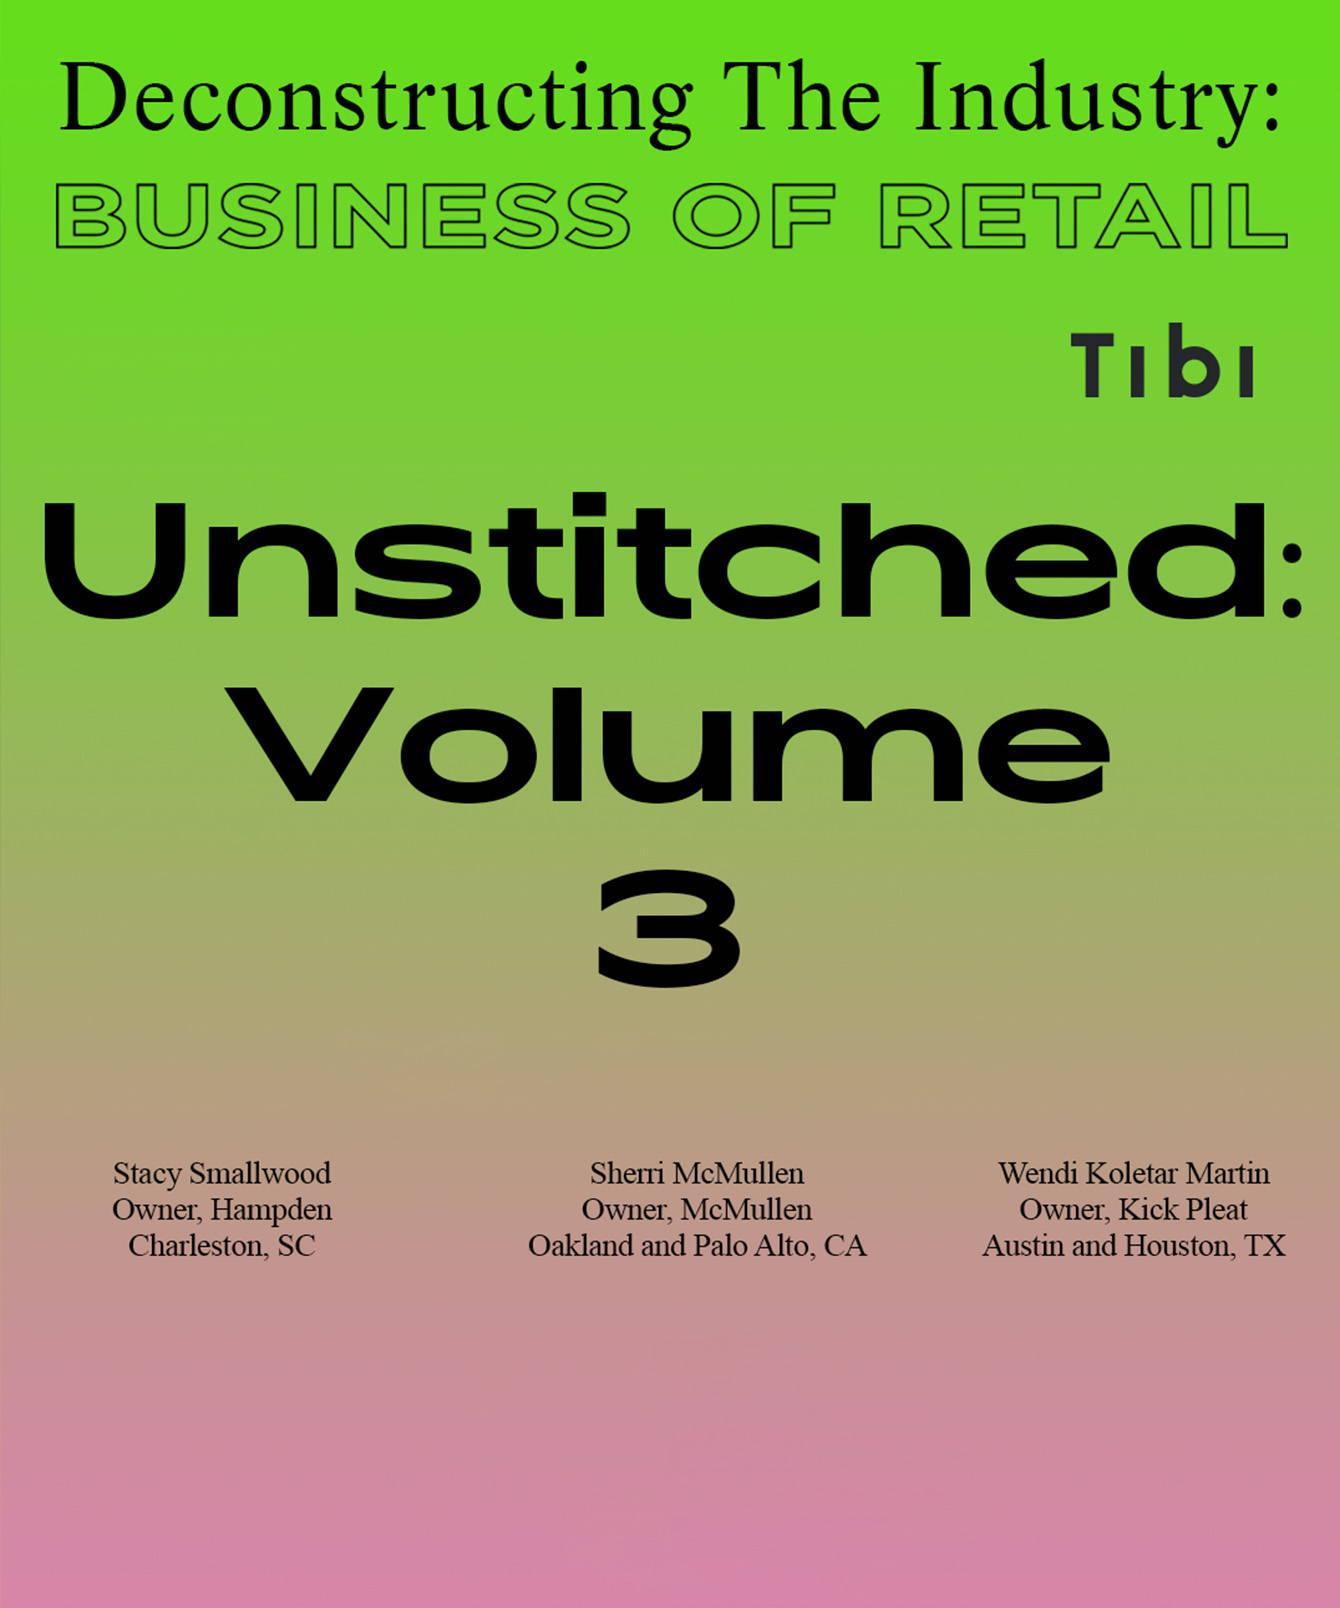 Unstitched: Volume 3 editorial